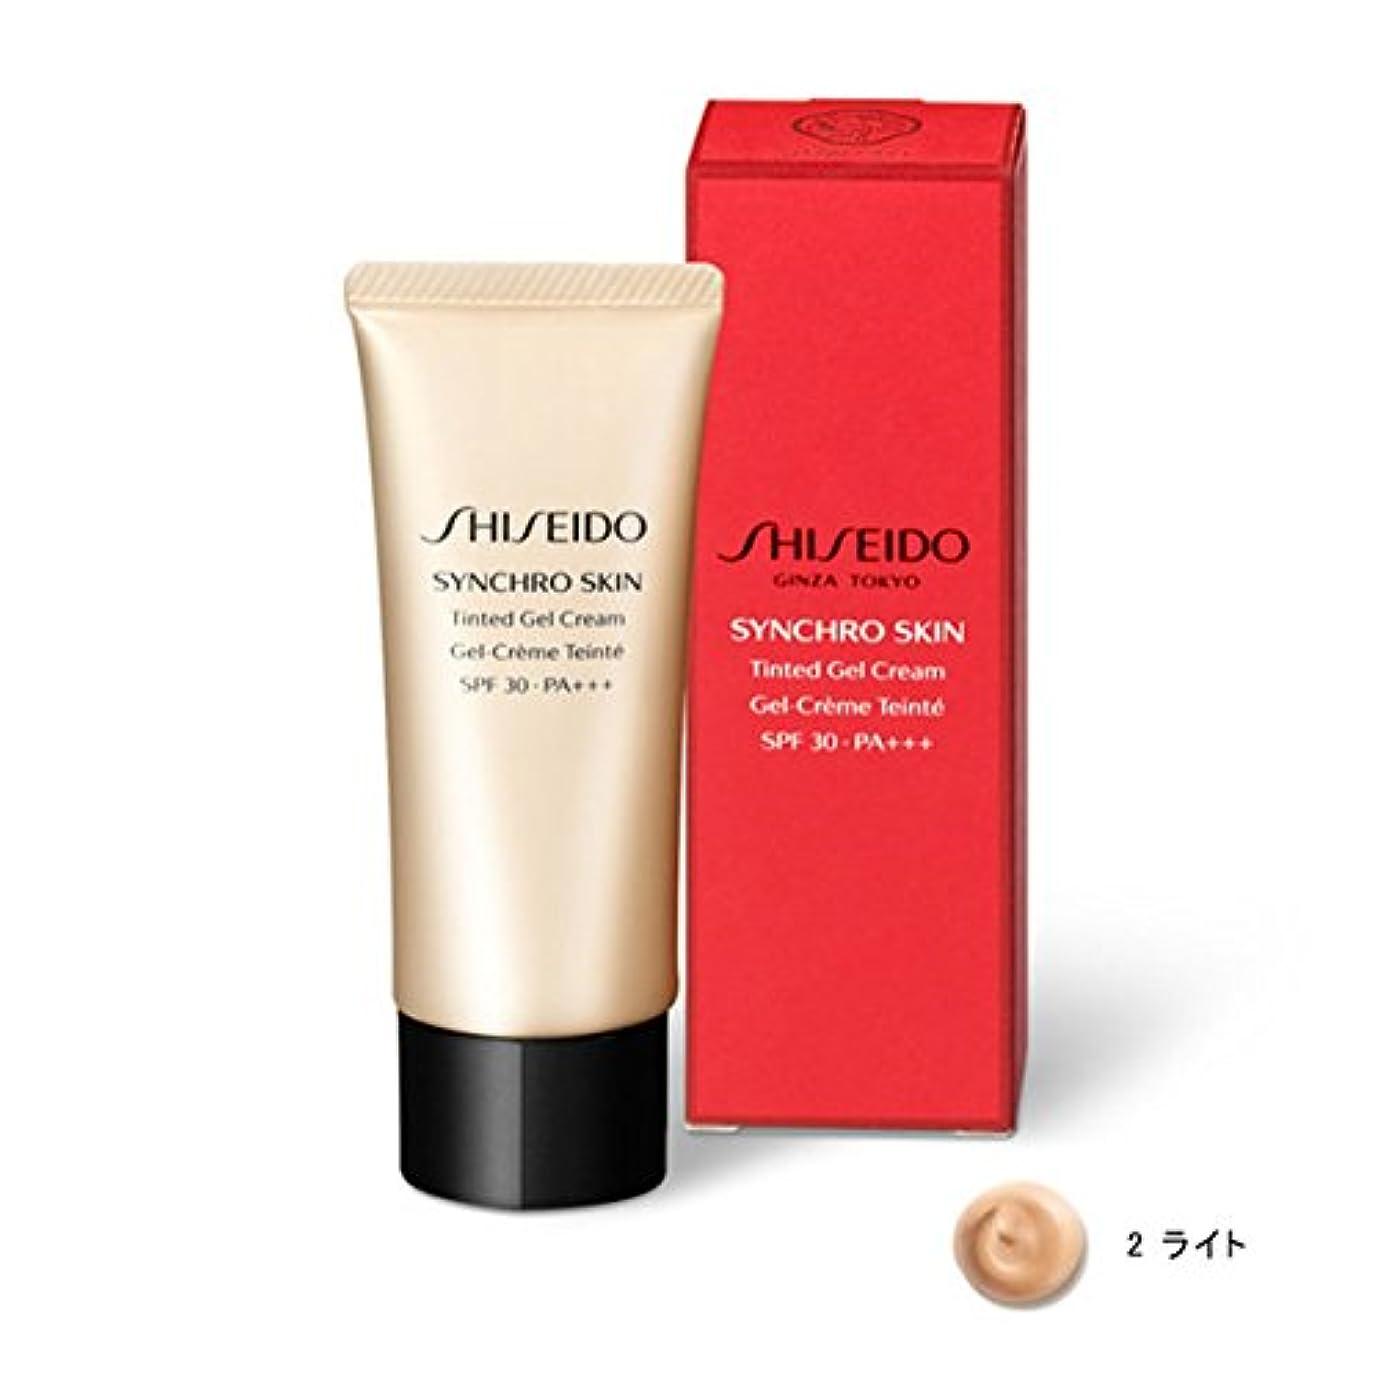 スクワイア工夫する明確にSHISEIDO Makeup(資生堂 メーキャップ) SHISEIDO(資生堂) シンクロスキン ティンティッド ジェルクリーム (2 ライト)